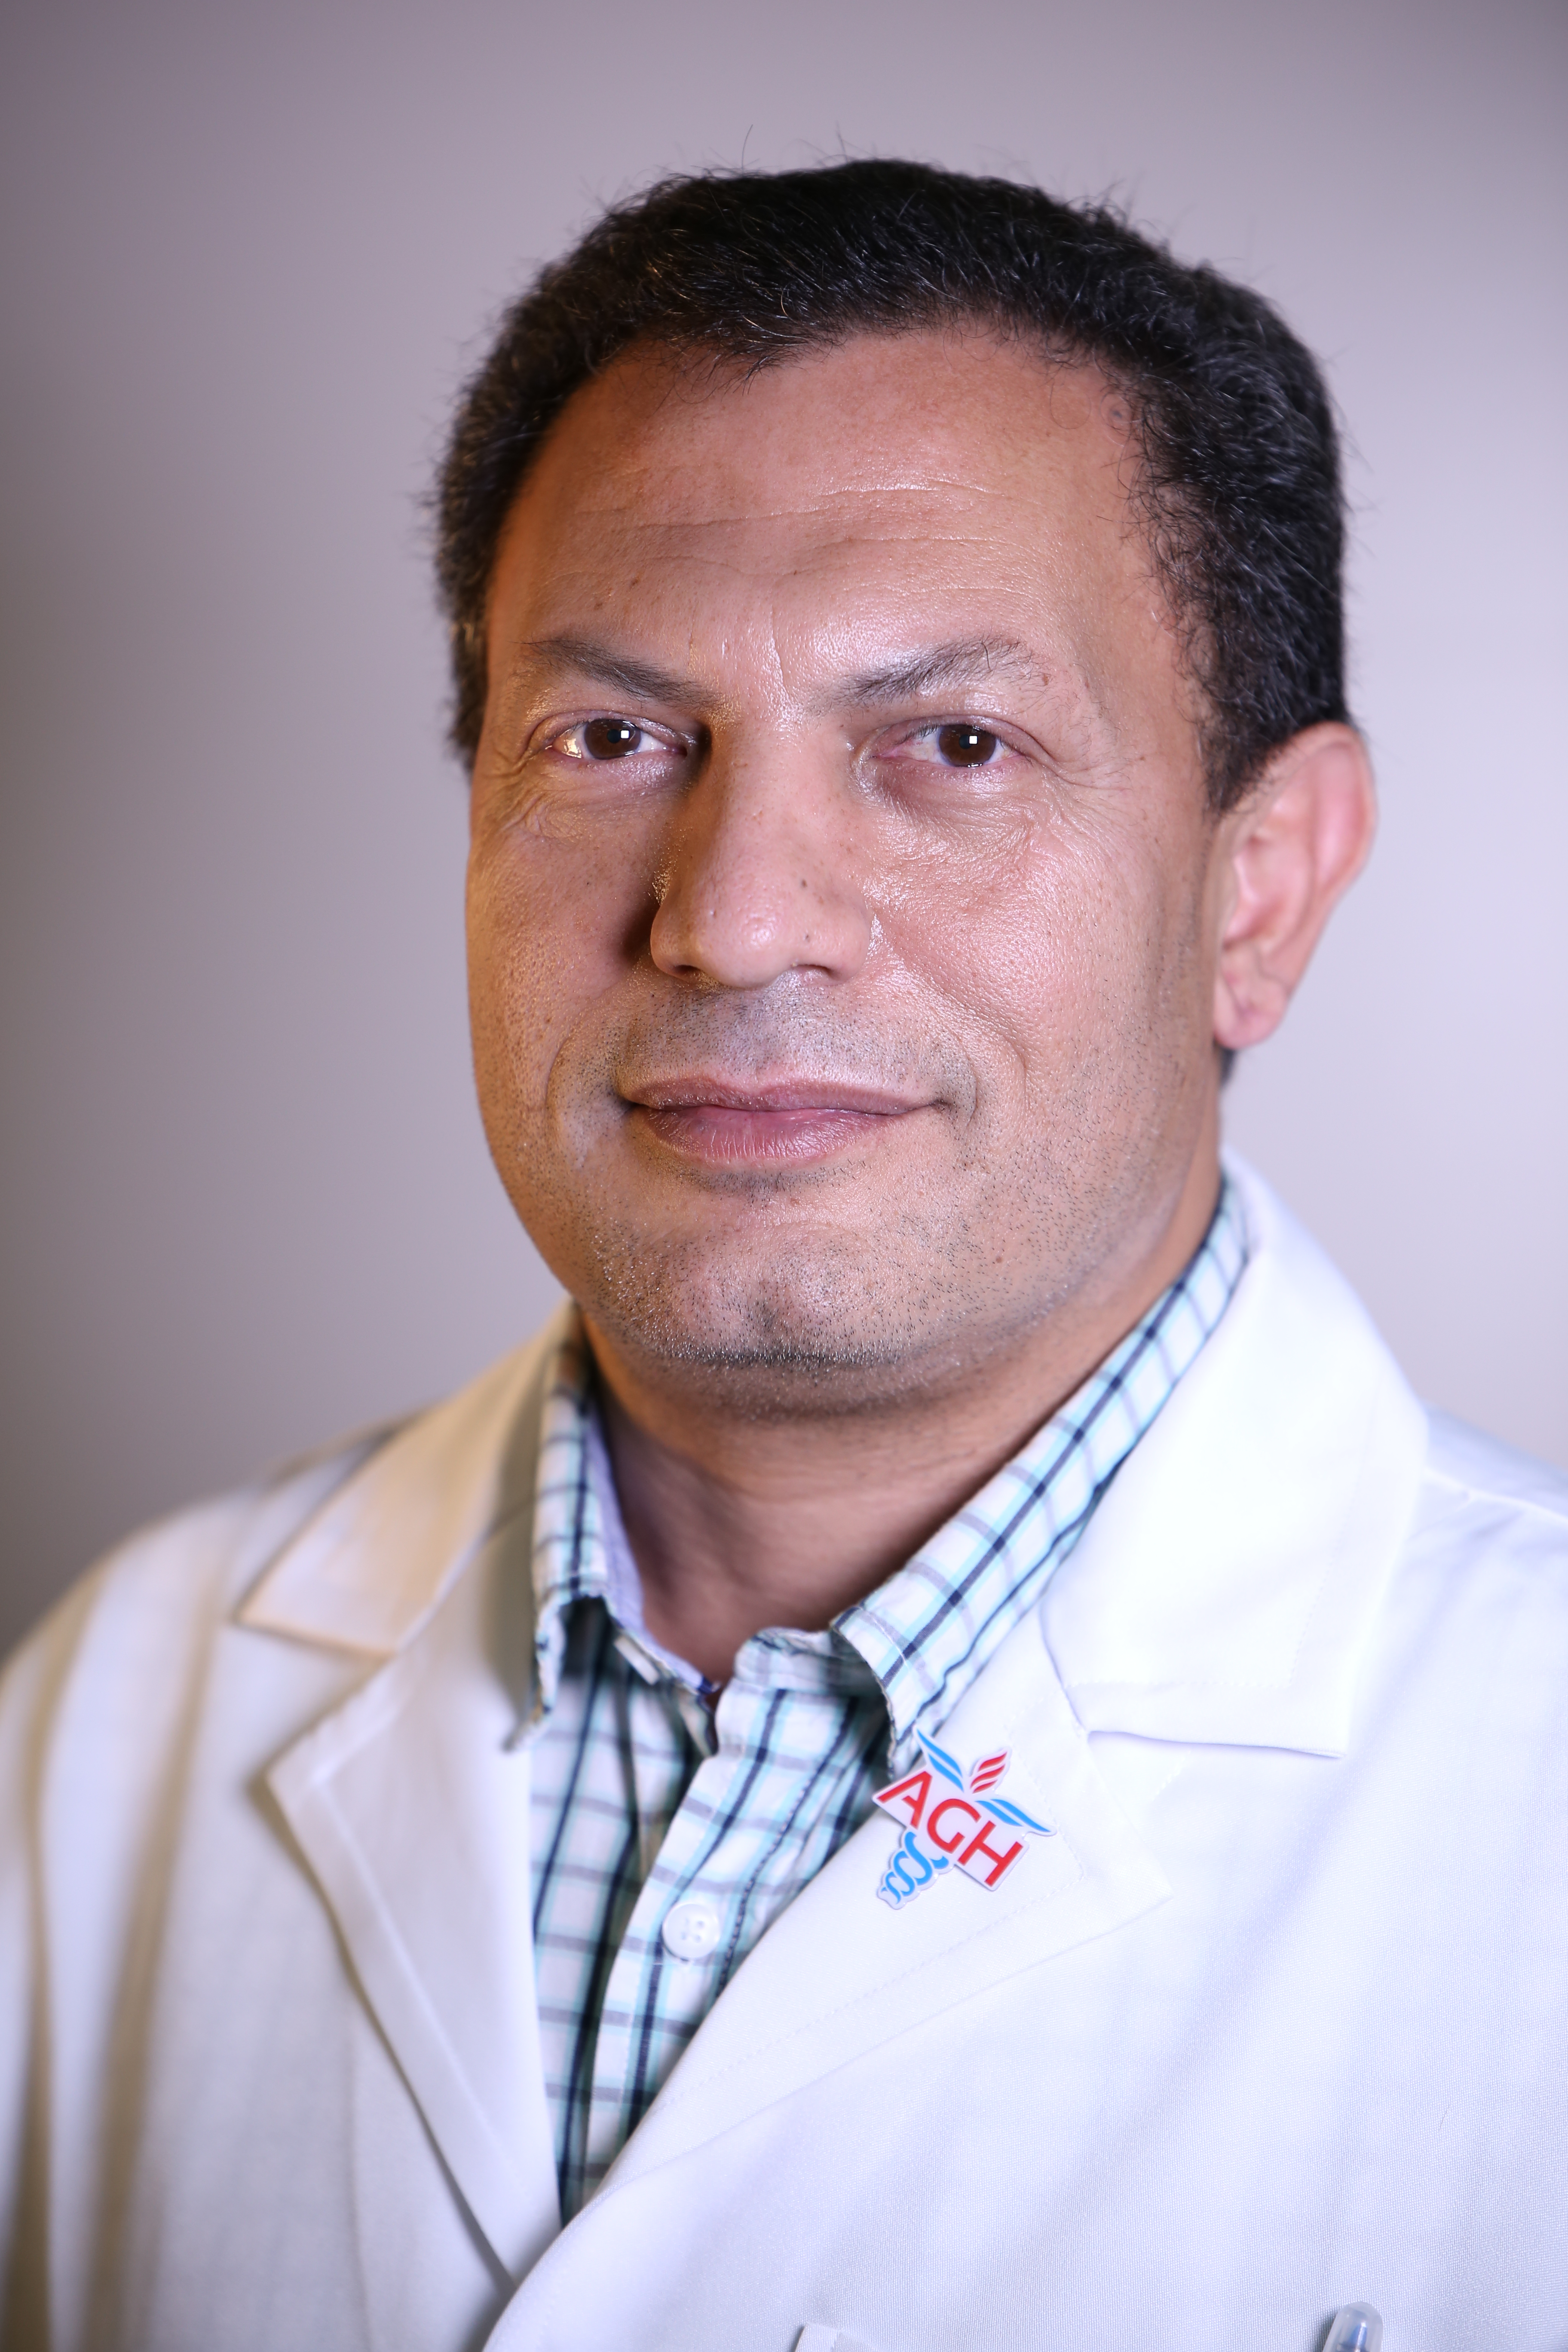 Abdul Ghafar Al Gebaly